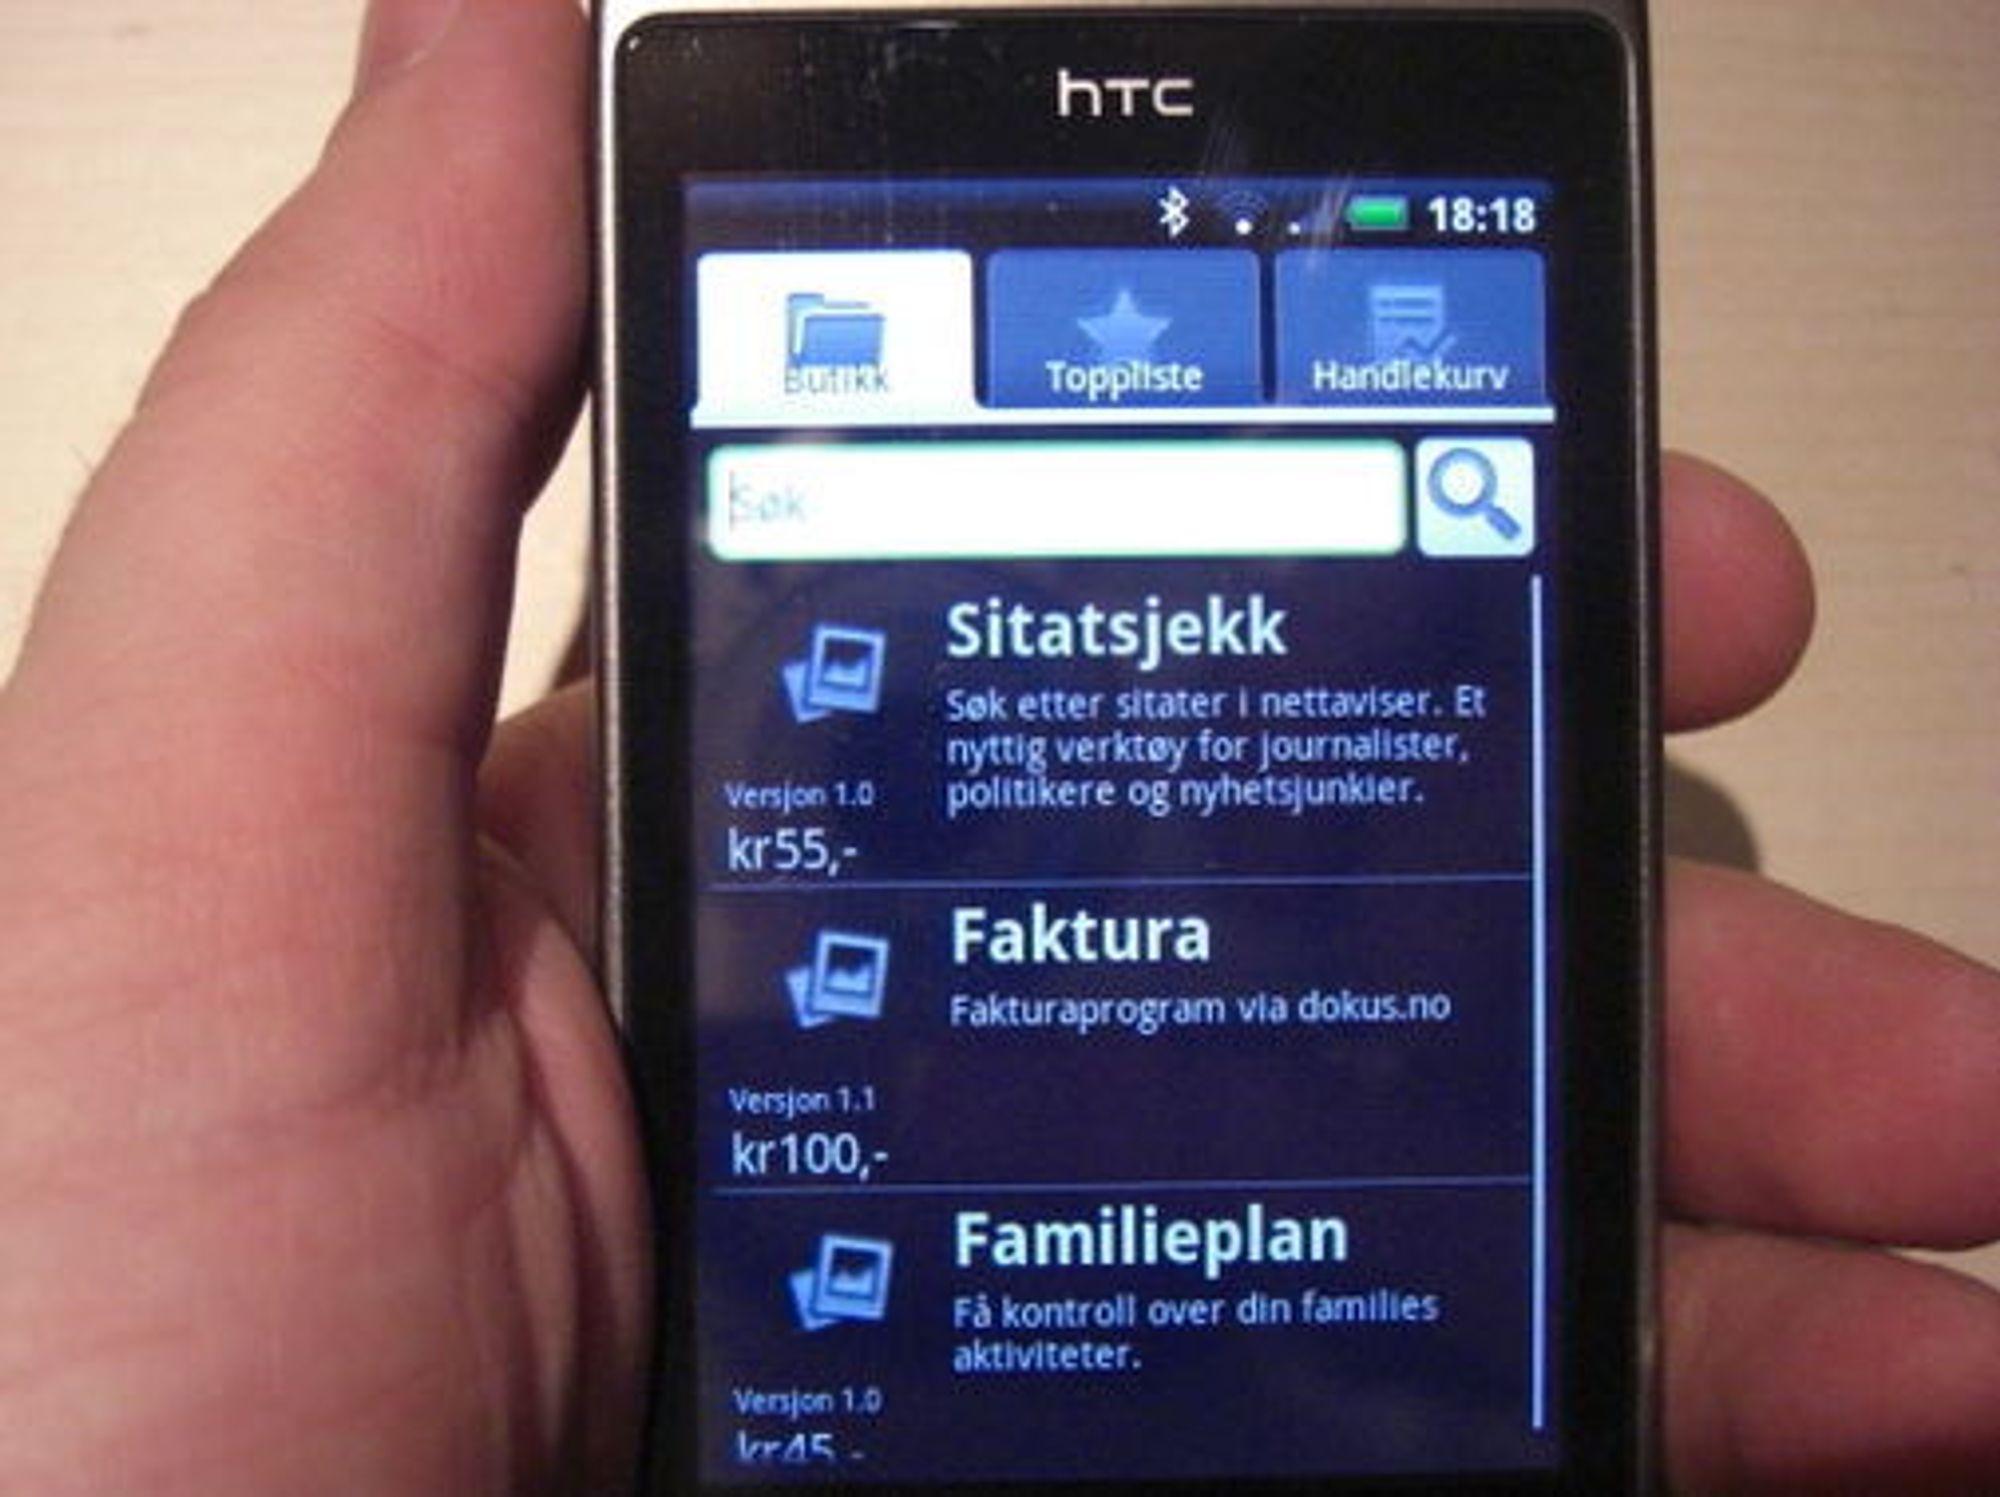 Det grafiske er allerede på plass i den norske Android-butikken. Løsningen skal etter planen lanseres i slutten av måneden.